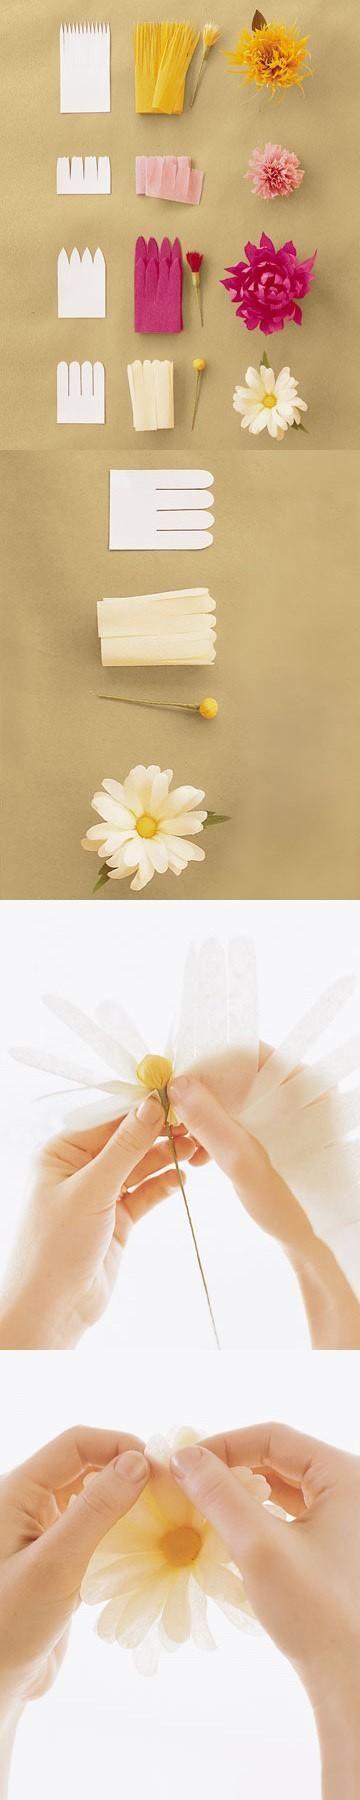 flores!: Crafts Ideas, Paper Flower Tutorials, Diy Crafts, Make Flower, Tissue Paper Flower, Paper Flowers, Daisies, Tissue Flower, Diy Flower